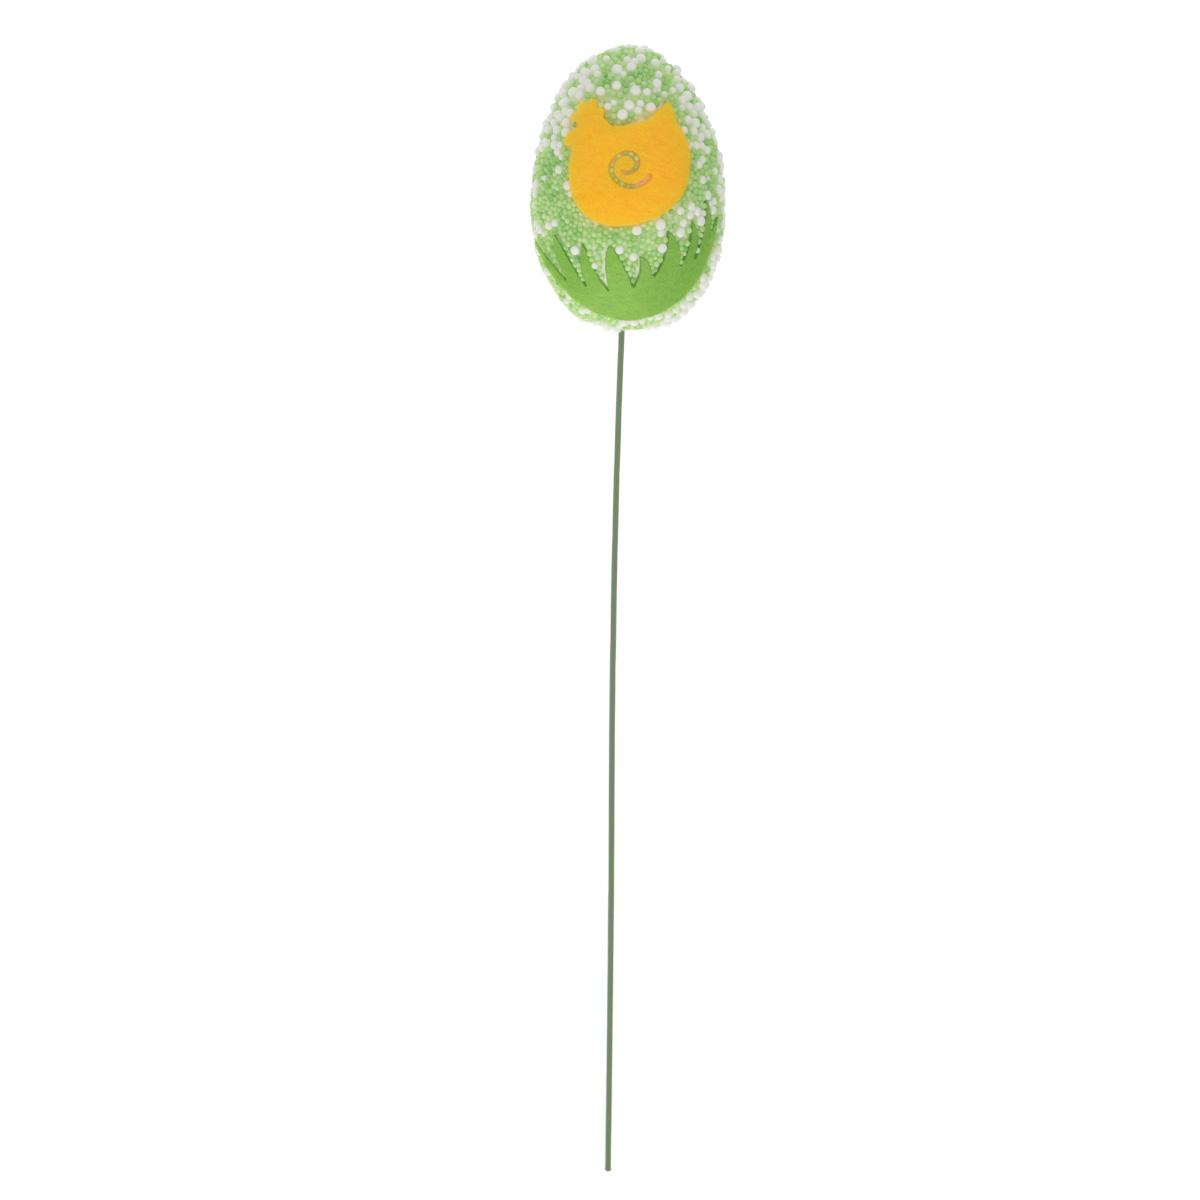 Декоративное пасхальное украшение на ножке Home Queen Яркость, цвет: зеленый, высота 24 см66794_3Украшение пасхальное Home Queen Яркость изготовлено из высококачественного пенопласта и предназначено для украшения праздничного стола. Украшение выполнено в виде яйца на металлической шпажке и украшено рисунком в виде курочки. Такое украшение прекрасно дополнит подарок для друзей и близких на Пасху. Высота: 24 см. Размер фигурки: 4 см х 4 см х 5,7 см.